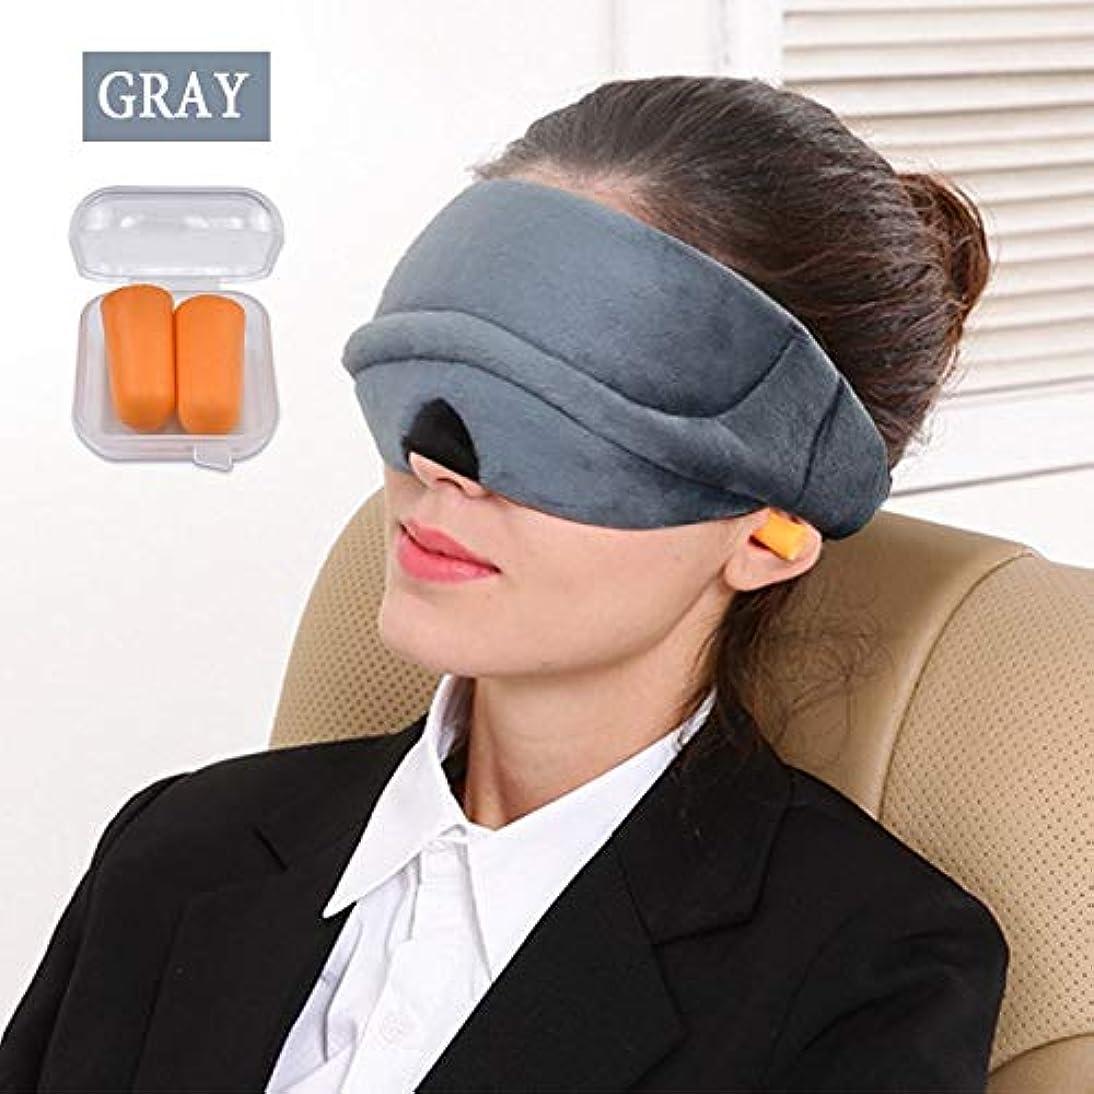 物語インタビュー寛容なNOTE 3d睡眠マスク睡眠補助アイマスクアイシェードカバーアイパッチ旅行の残りの部分通気性のベルベット生地目隠し包帯アイパッチ